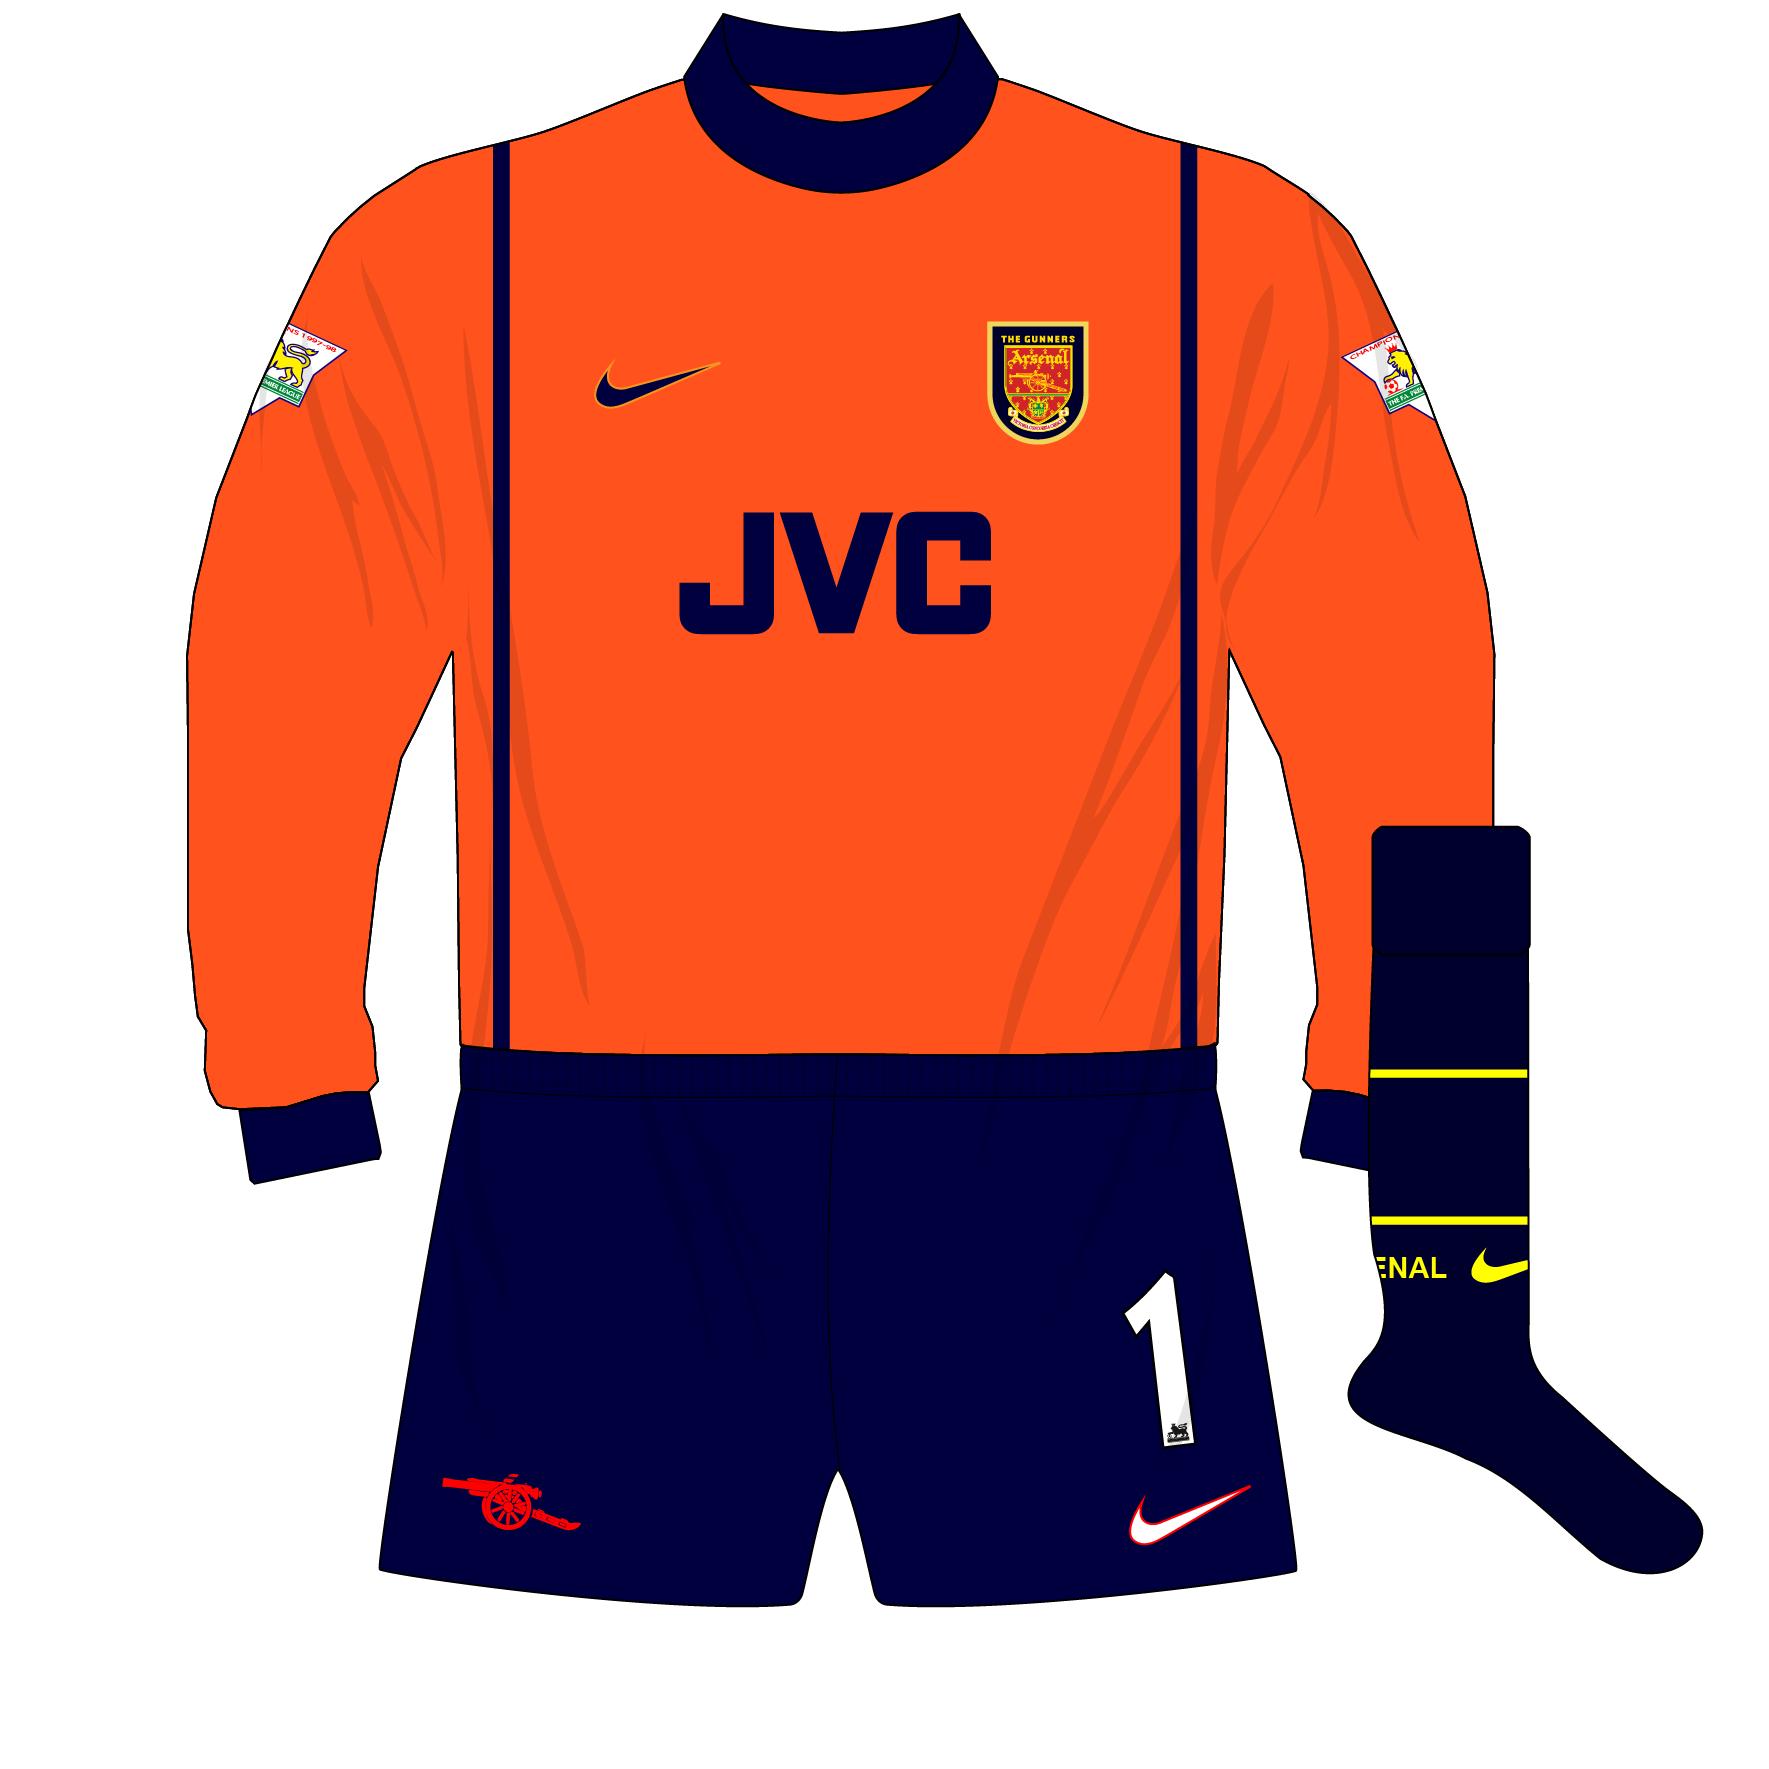 Arsenal Nike 1998 1999 Orange Goalkeeper Shirt Kit 01 Museum Of